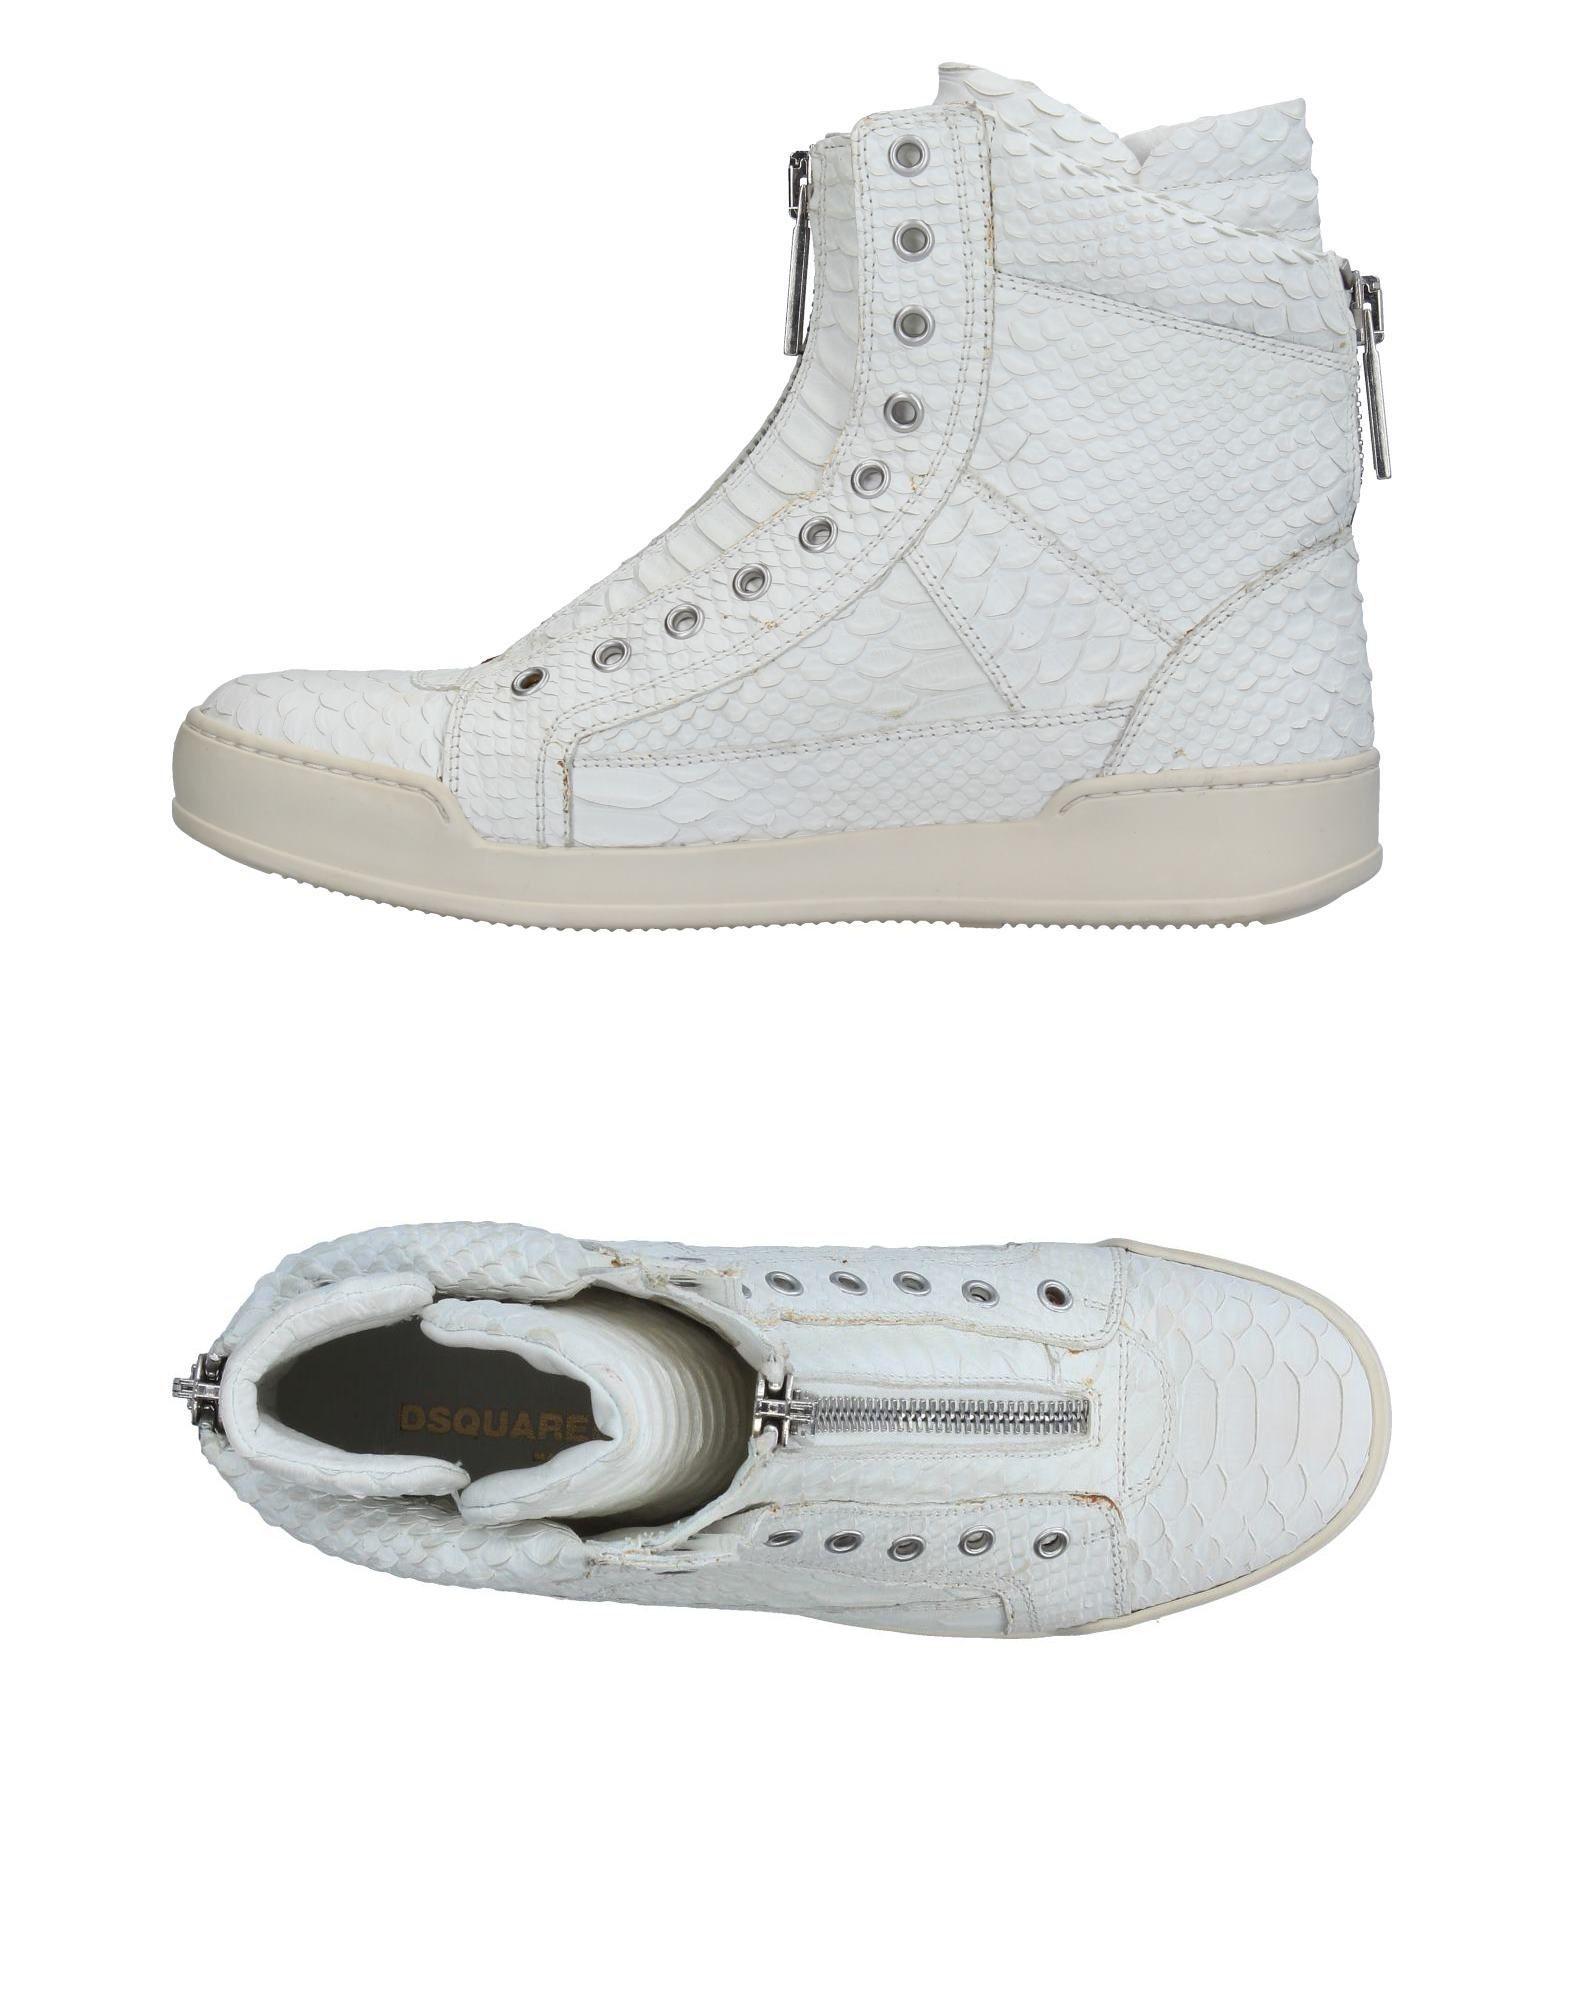 Chaussures De Sport Pour Les Hommes En Vente, Noir, Cuir, 2017, 41 42 43 42,5 Dsquared2